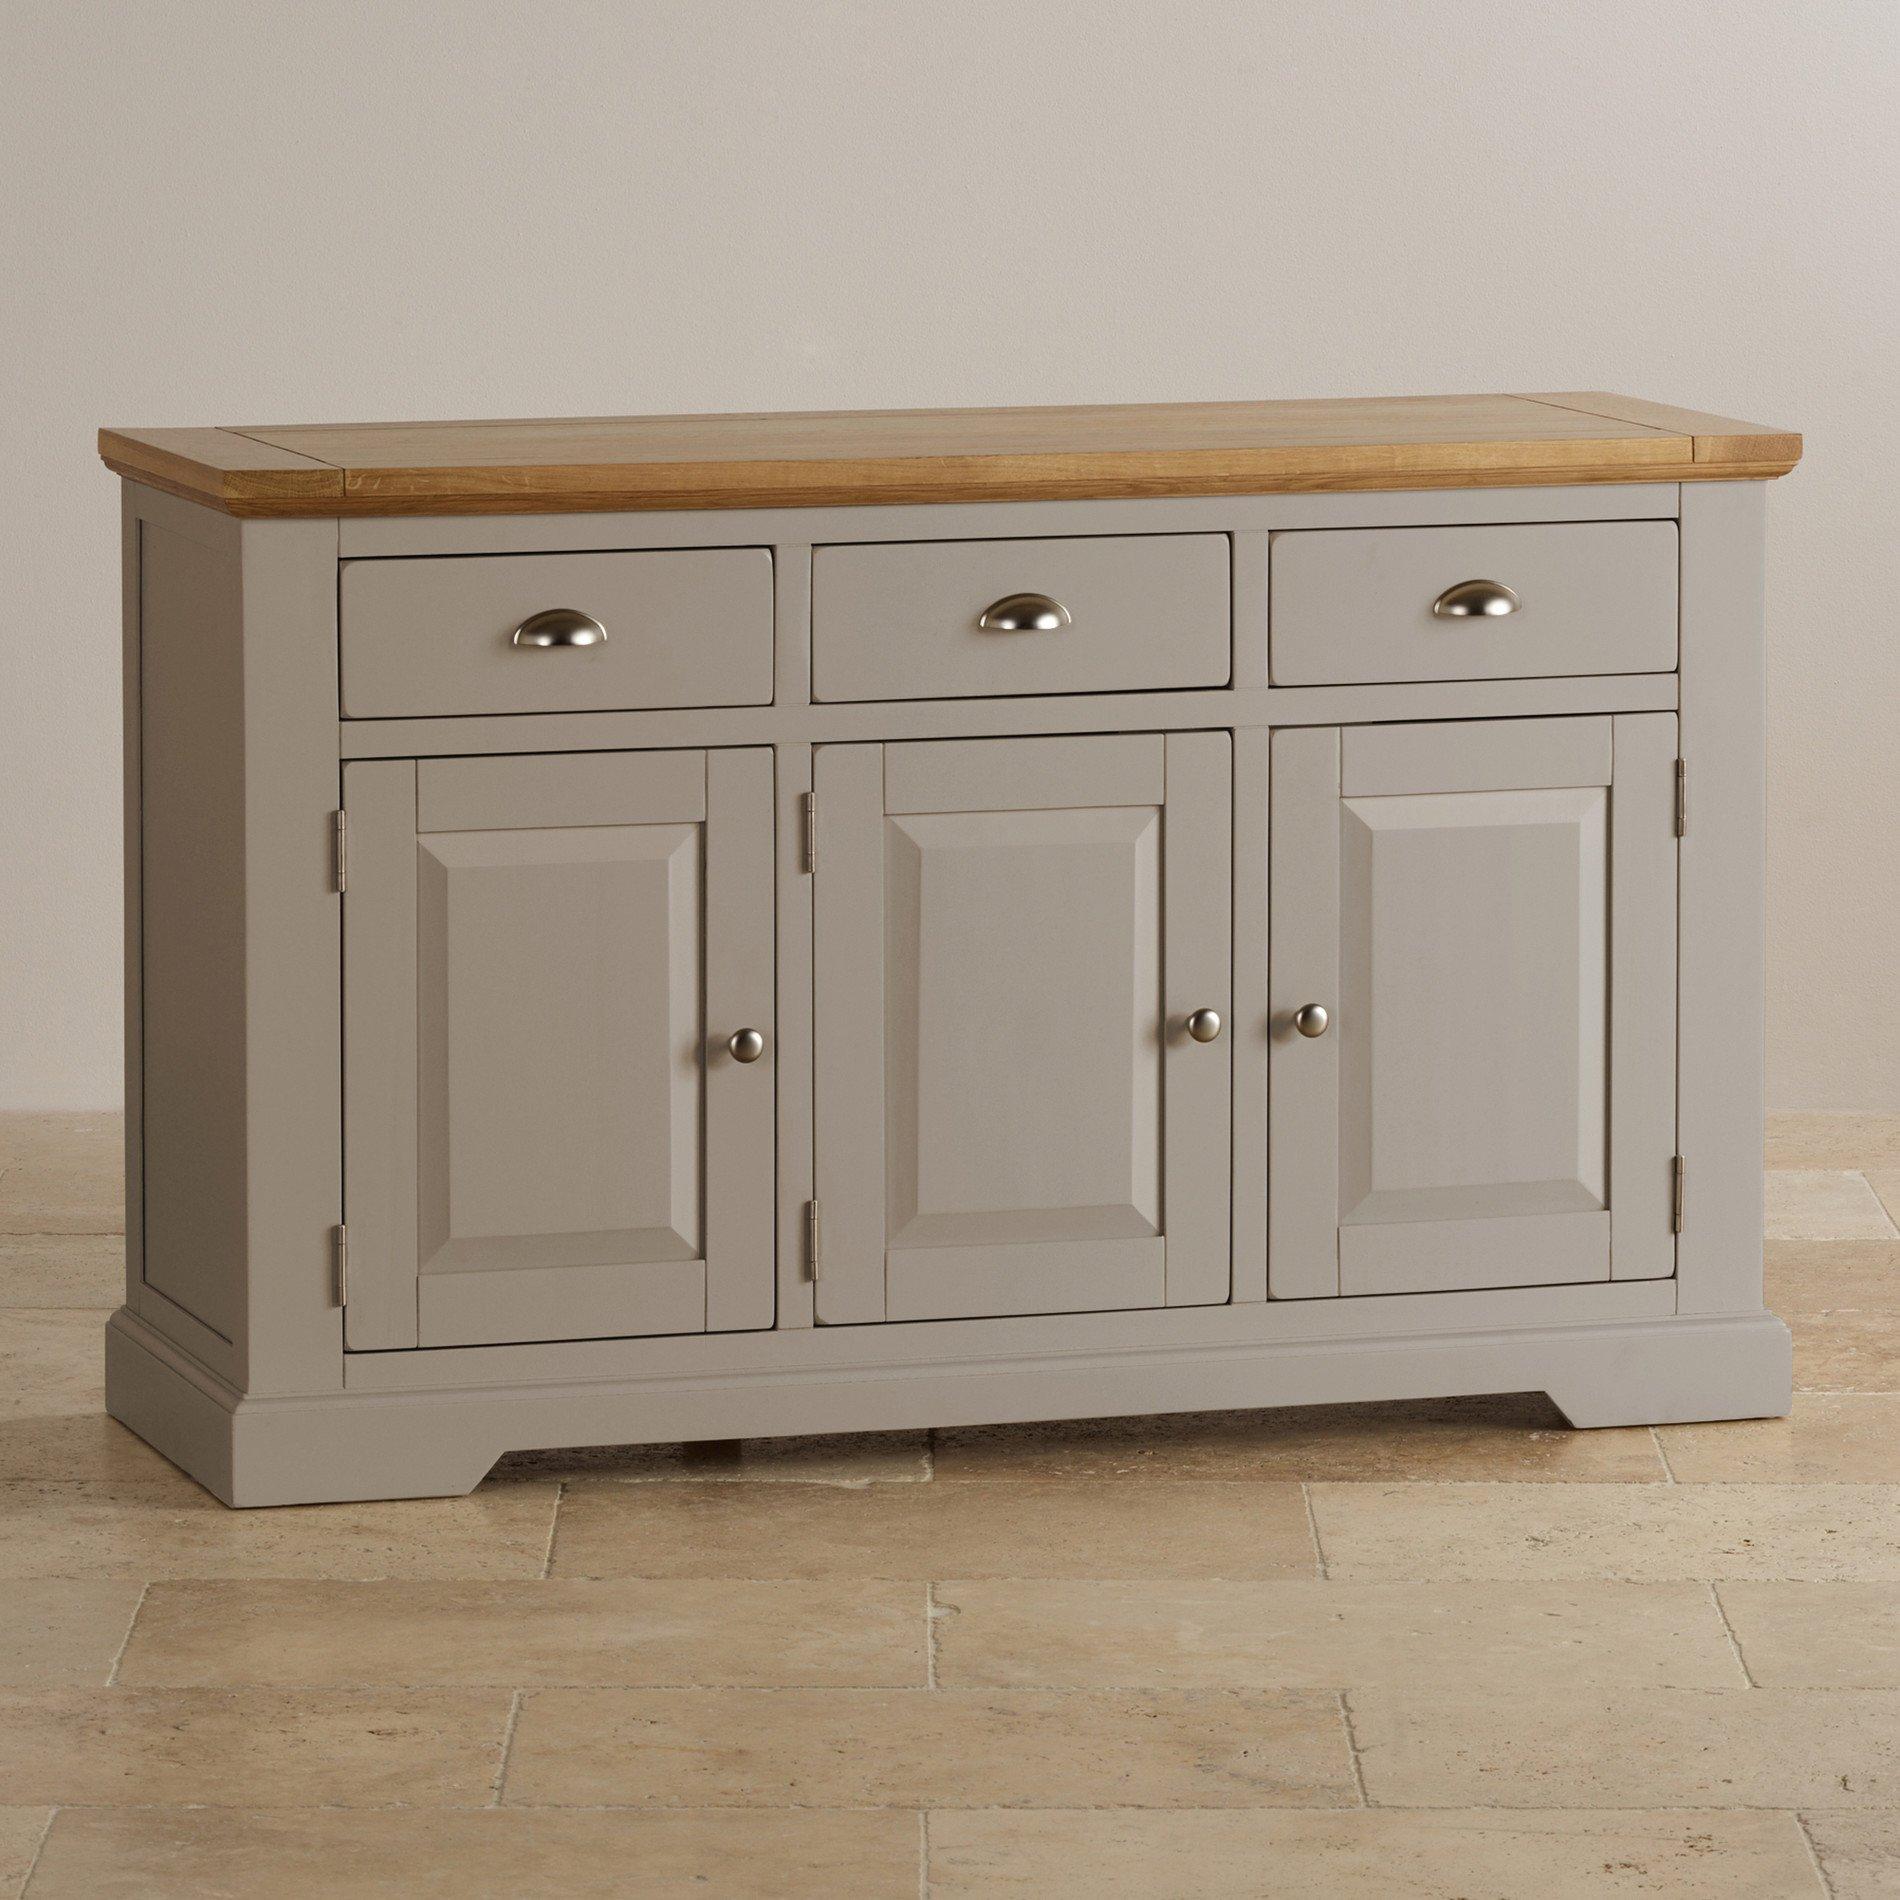 st ives large grey sideboard in solid hardwood brushed oak top. Black Bedroom Furniture Sets. Home Design Ideas